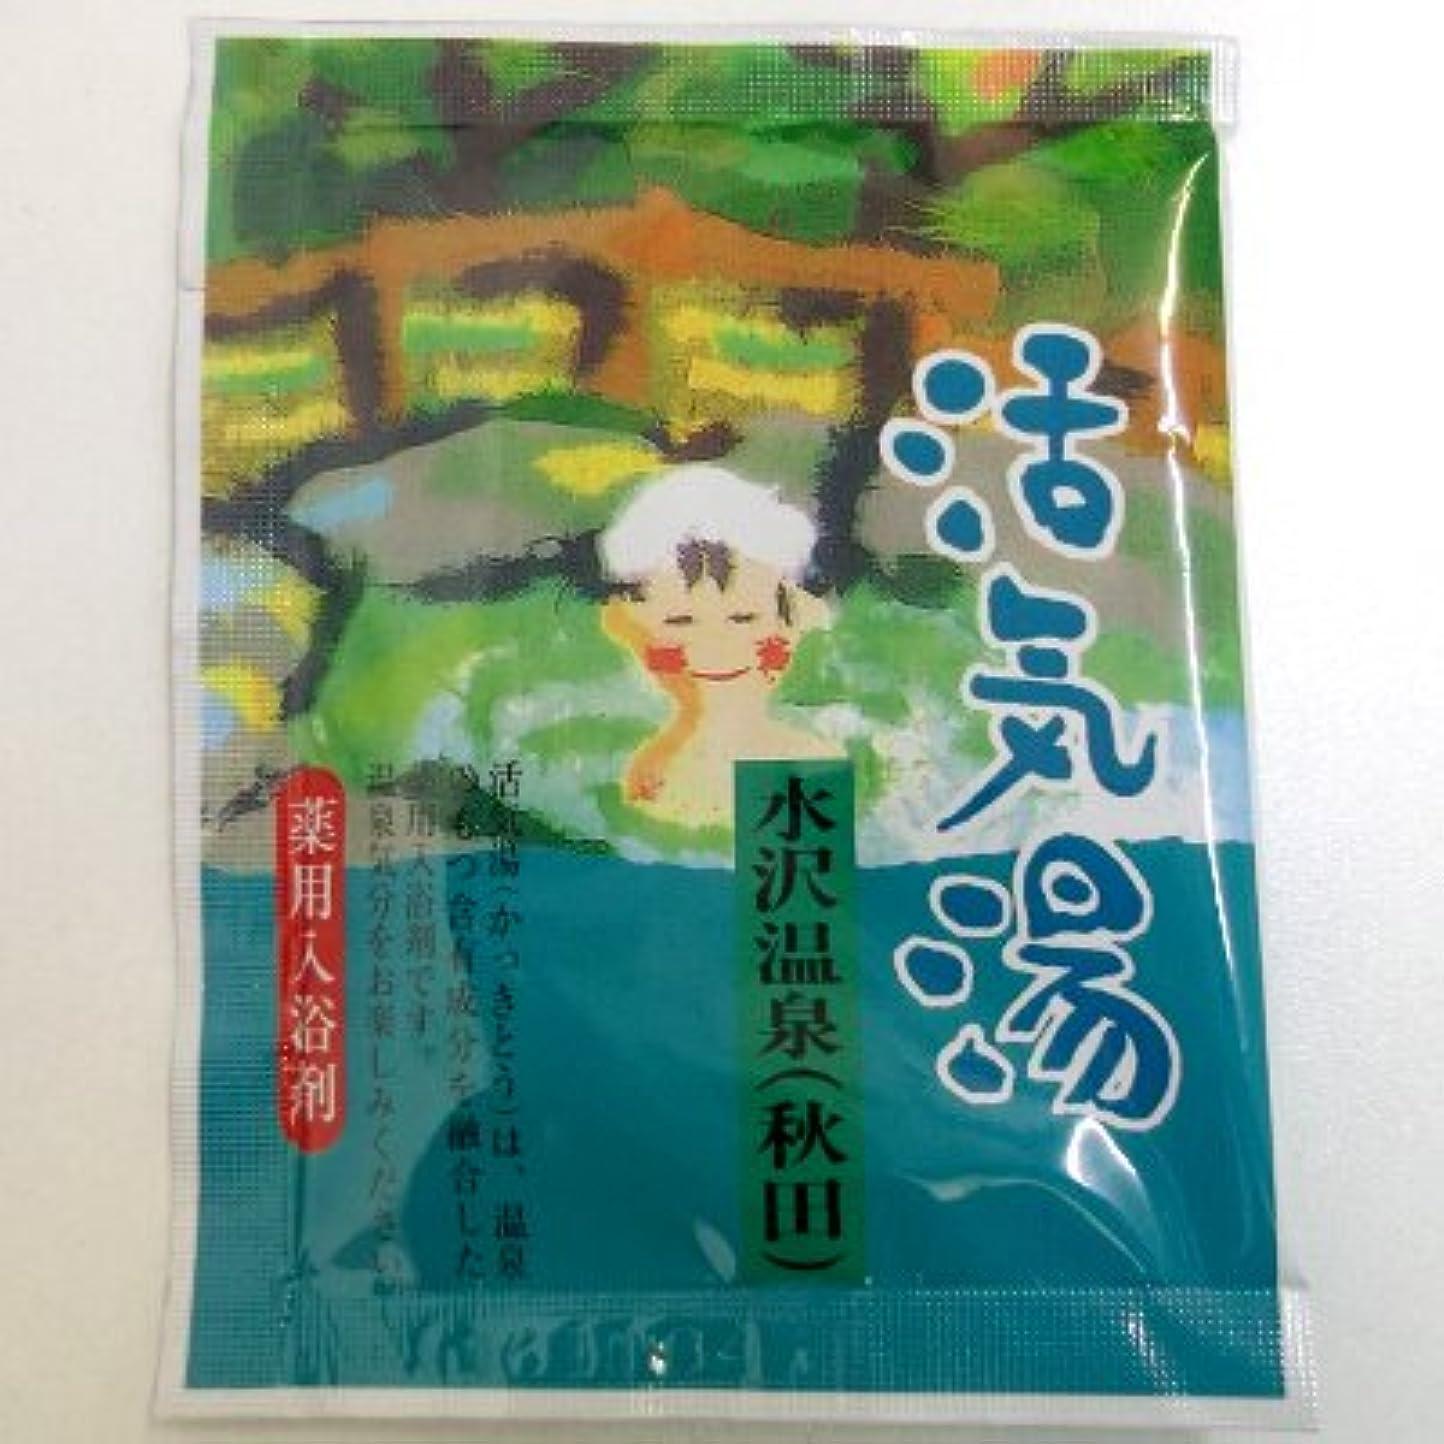 鍔六月アナロジー活気湯 水沢温泉(青リンゴ)